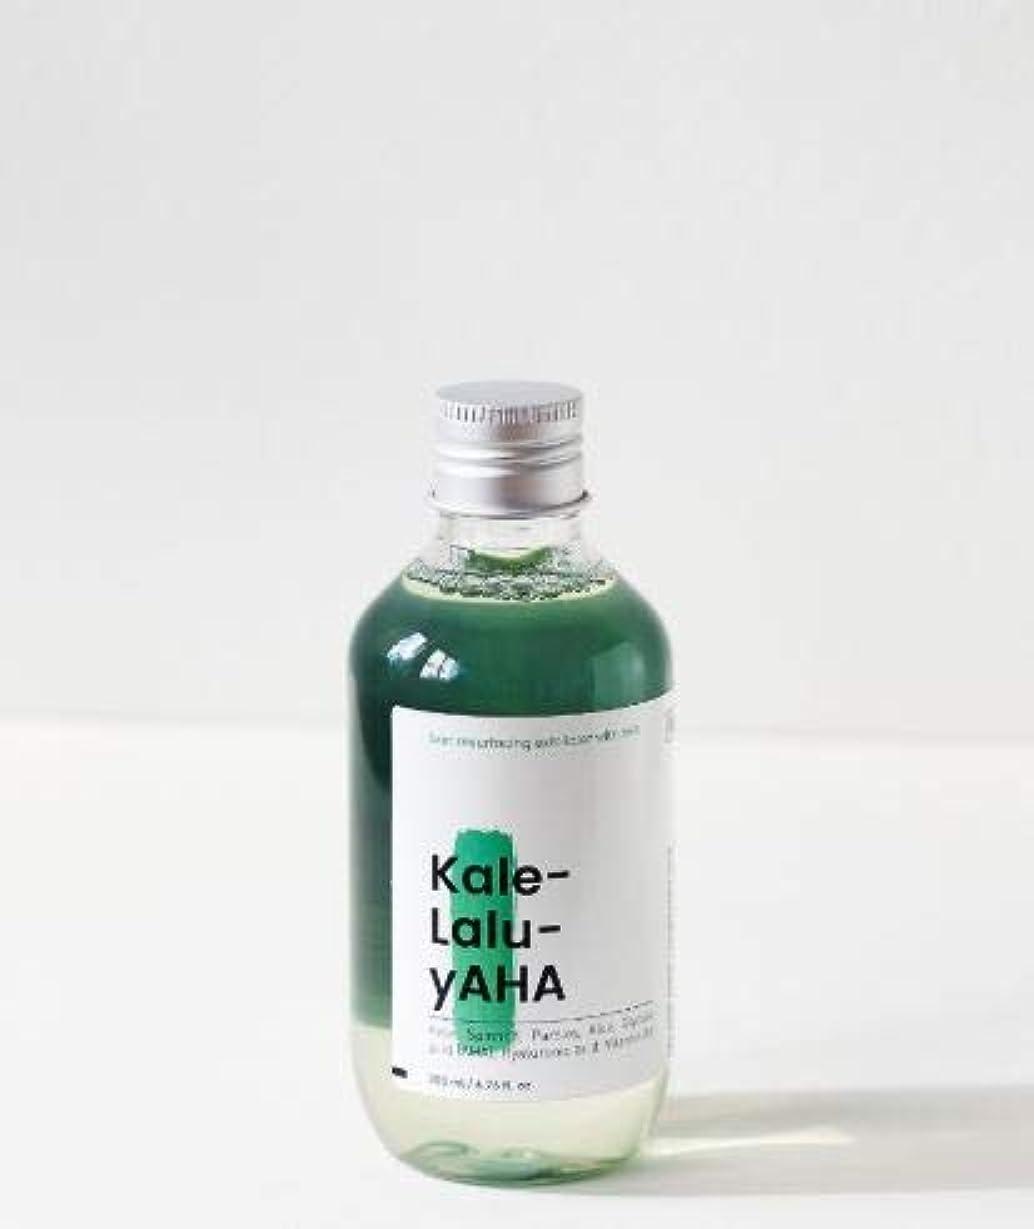 鯨規定再現する[Krave] Kale-lalu-yAHA 200ml / ケイルラルヤ 200ml [並行輸入品]